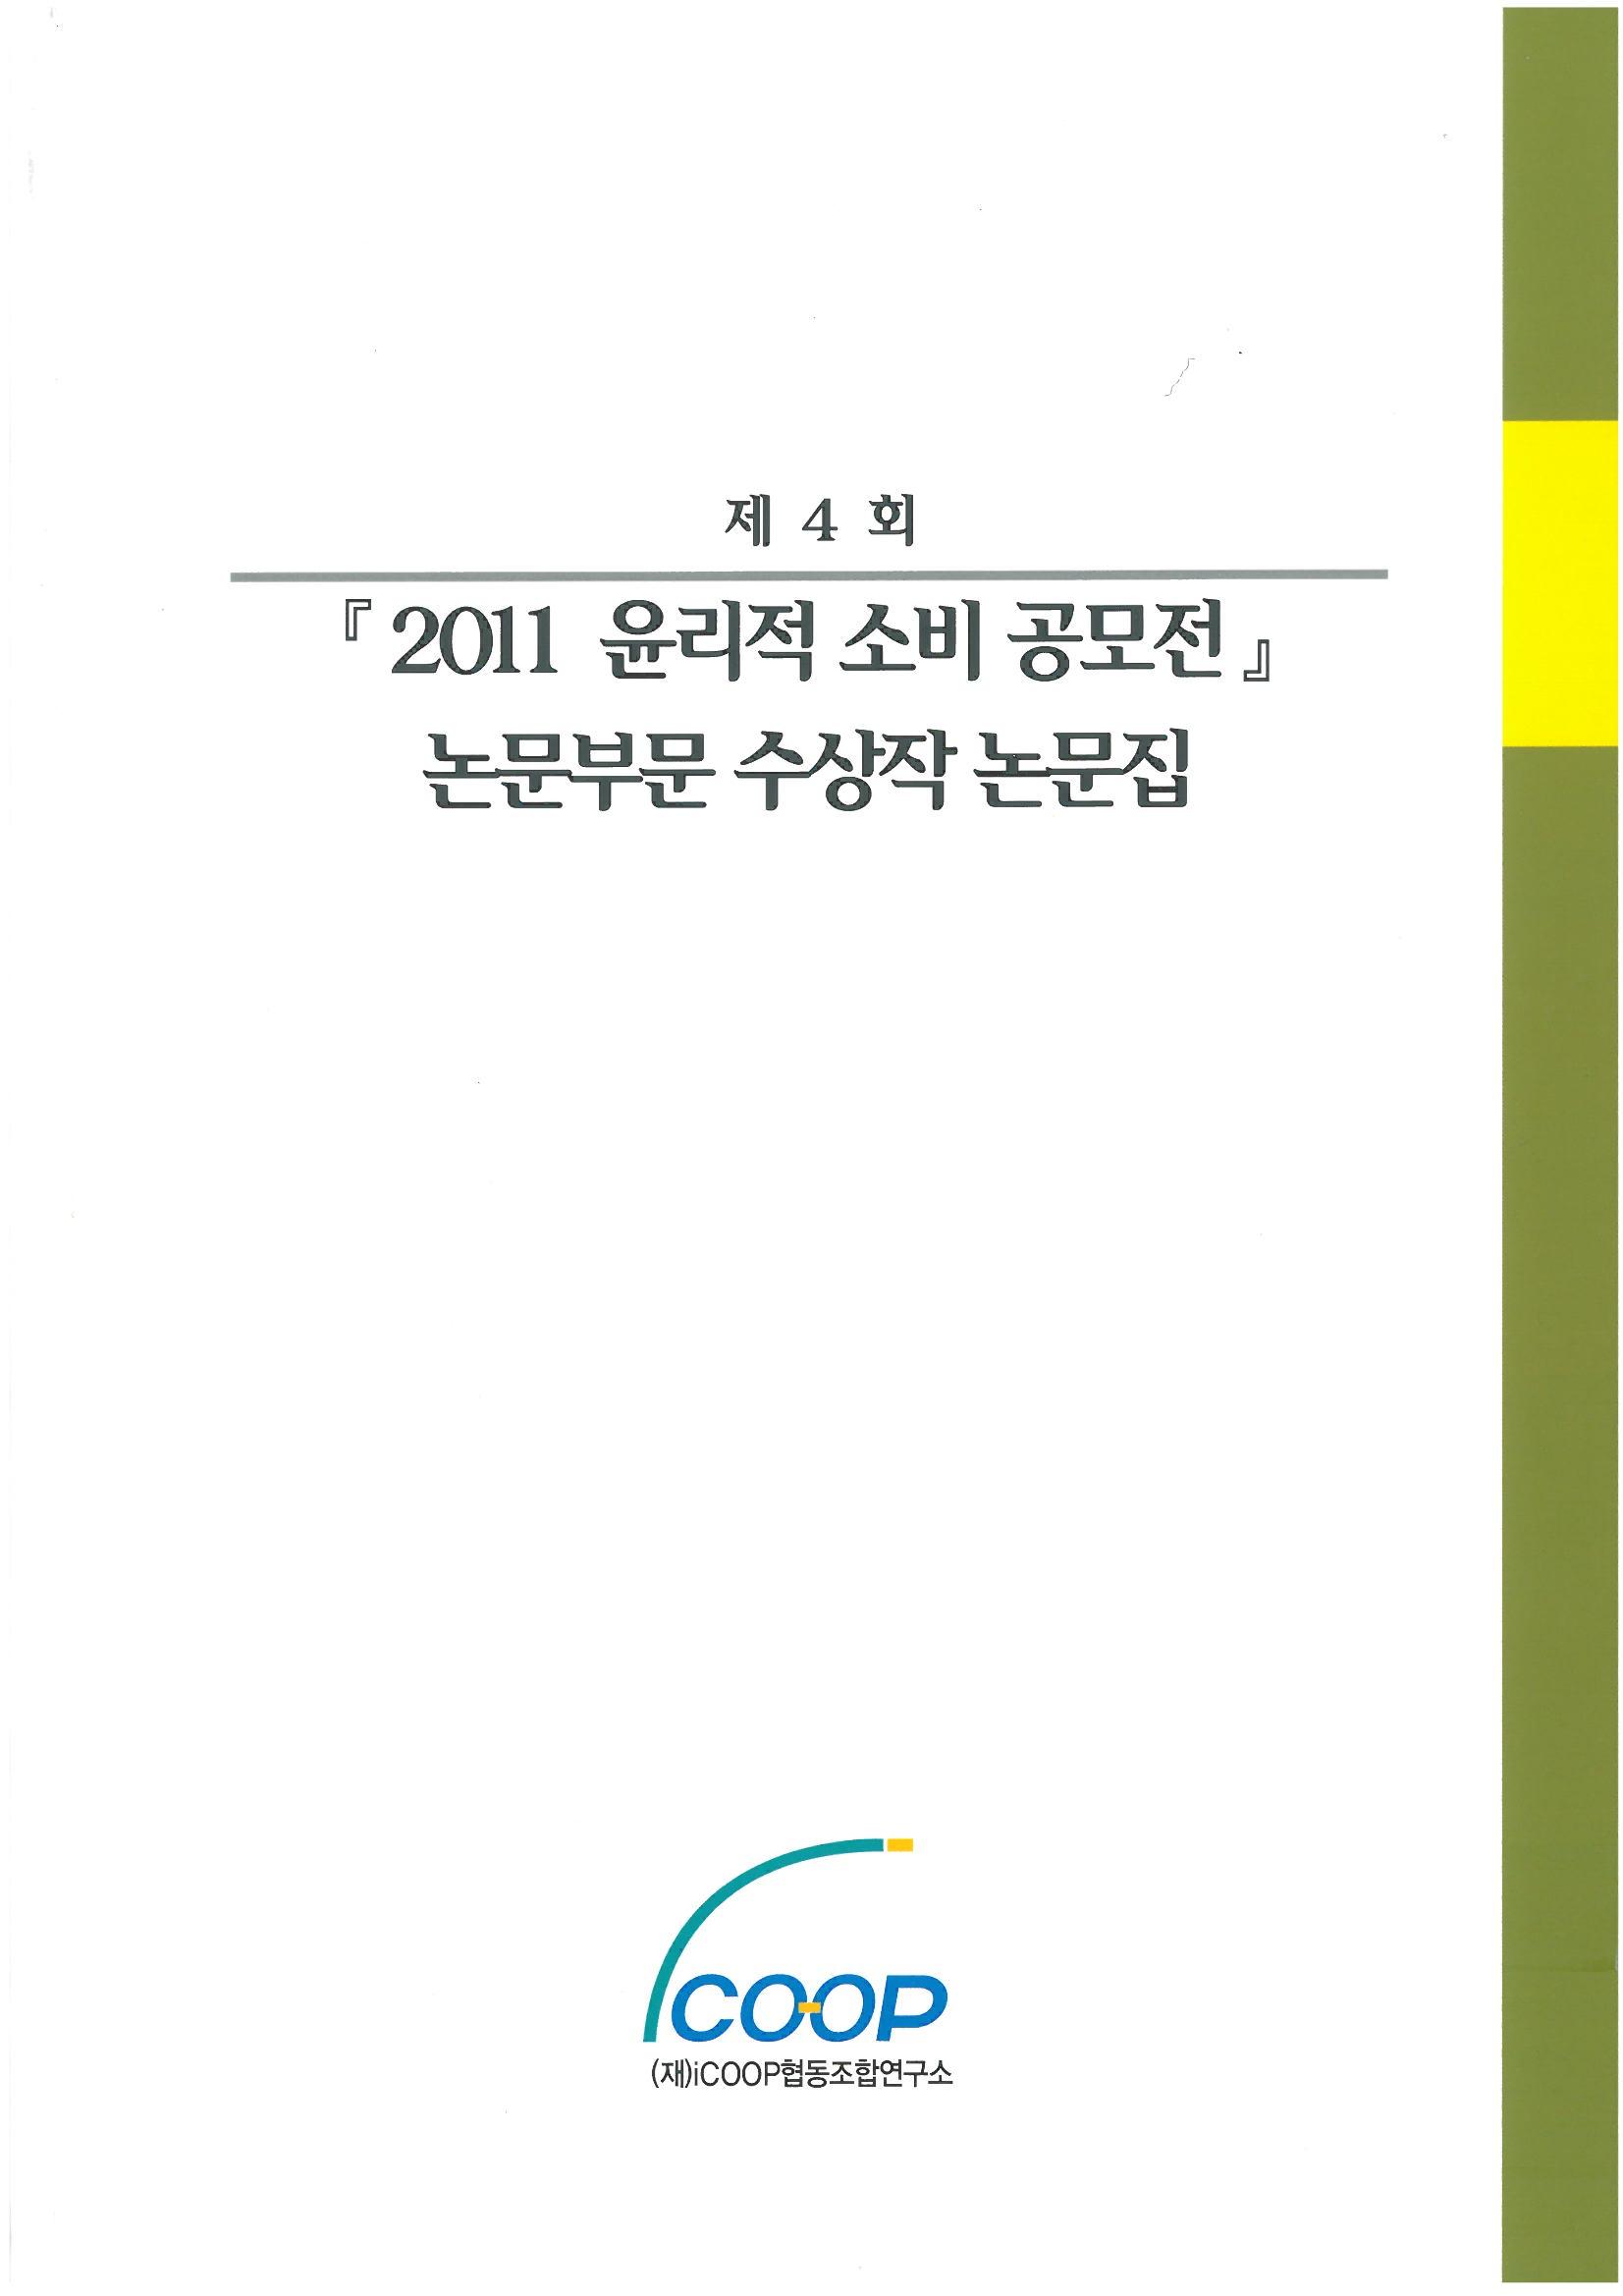 64_『2011 윤리적 소비 공모전 논문부문 수상작 논문집』.jpg